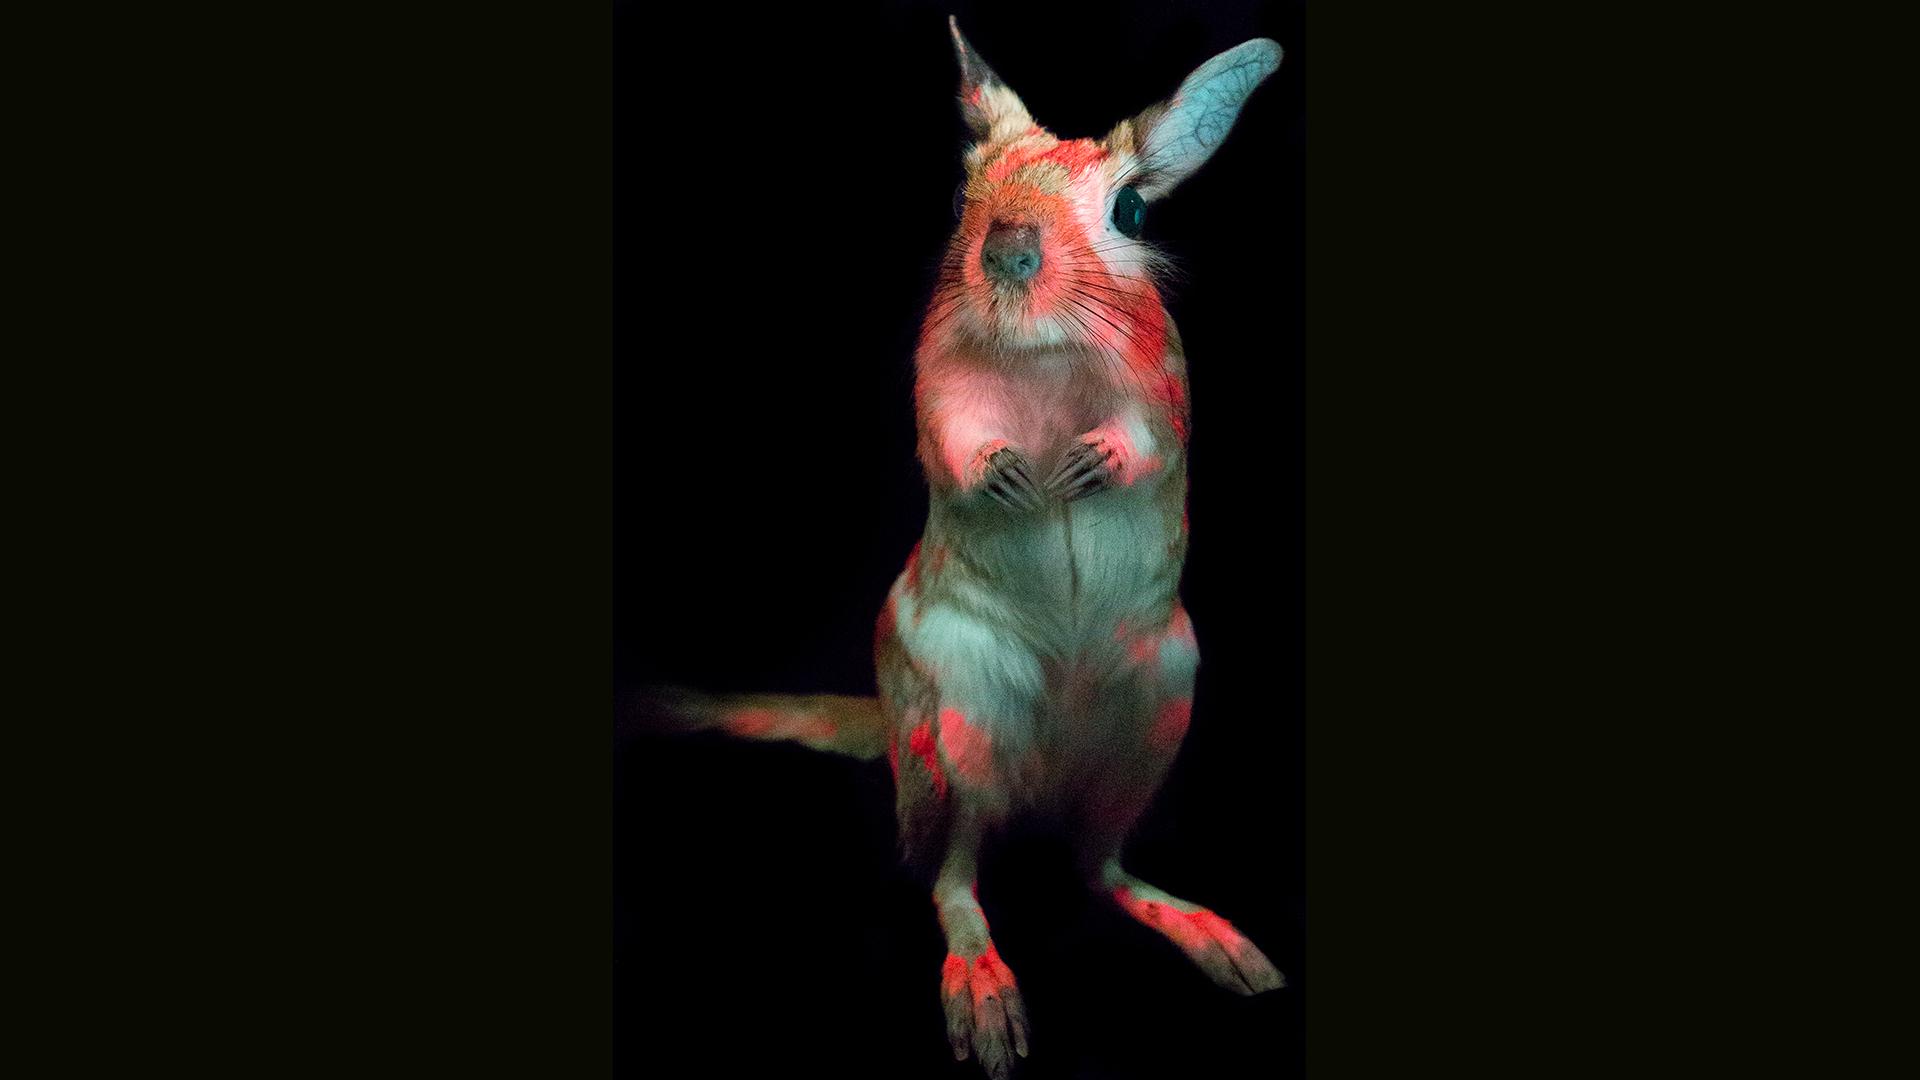 Les composés de la fourrure des springhares fluorescent dans les régions jaune, orange ou rouge du spectre visible, générant une lueur rose vif.